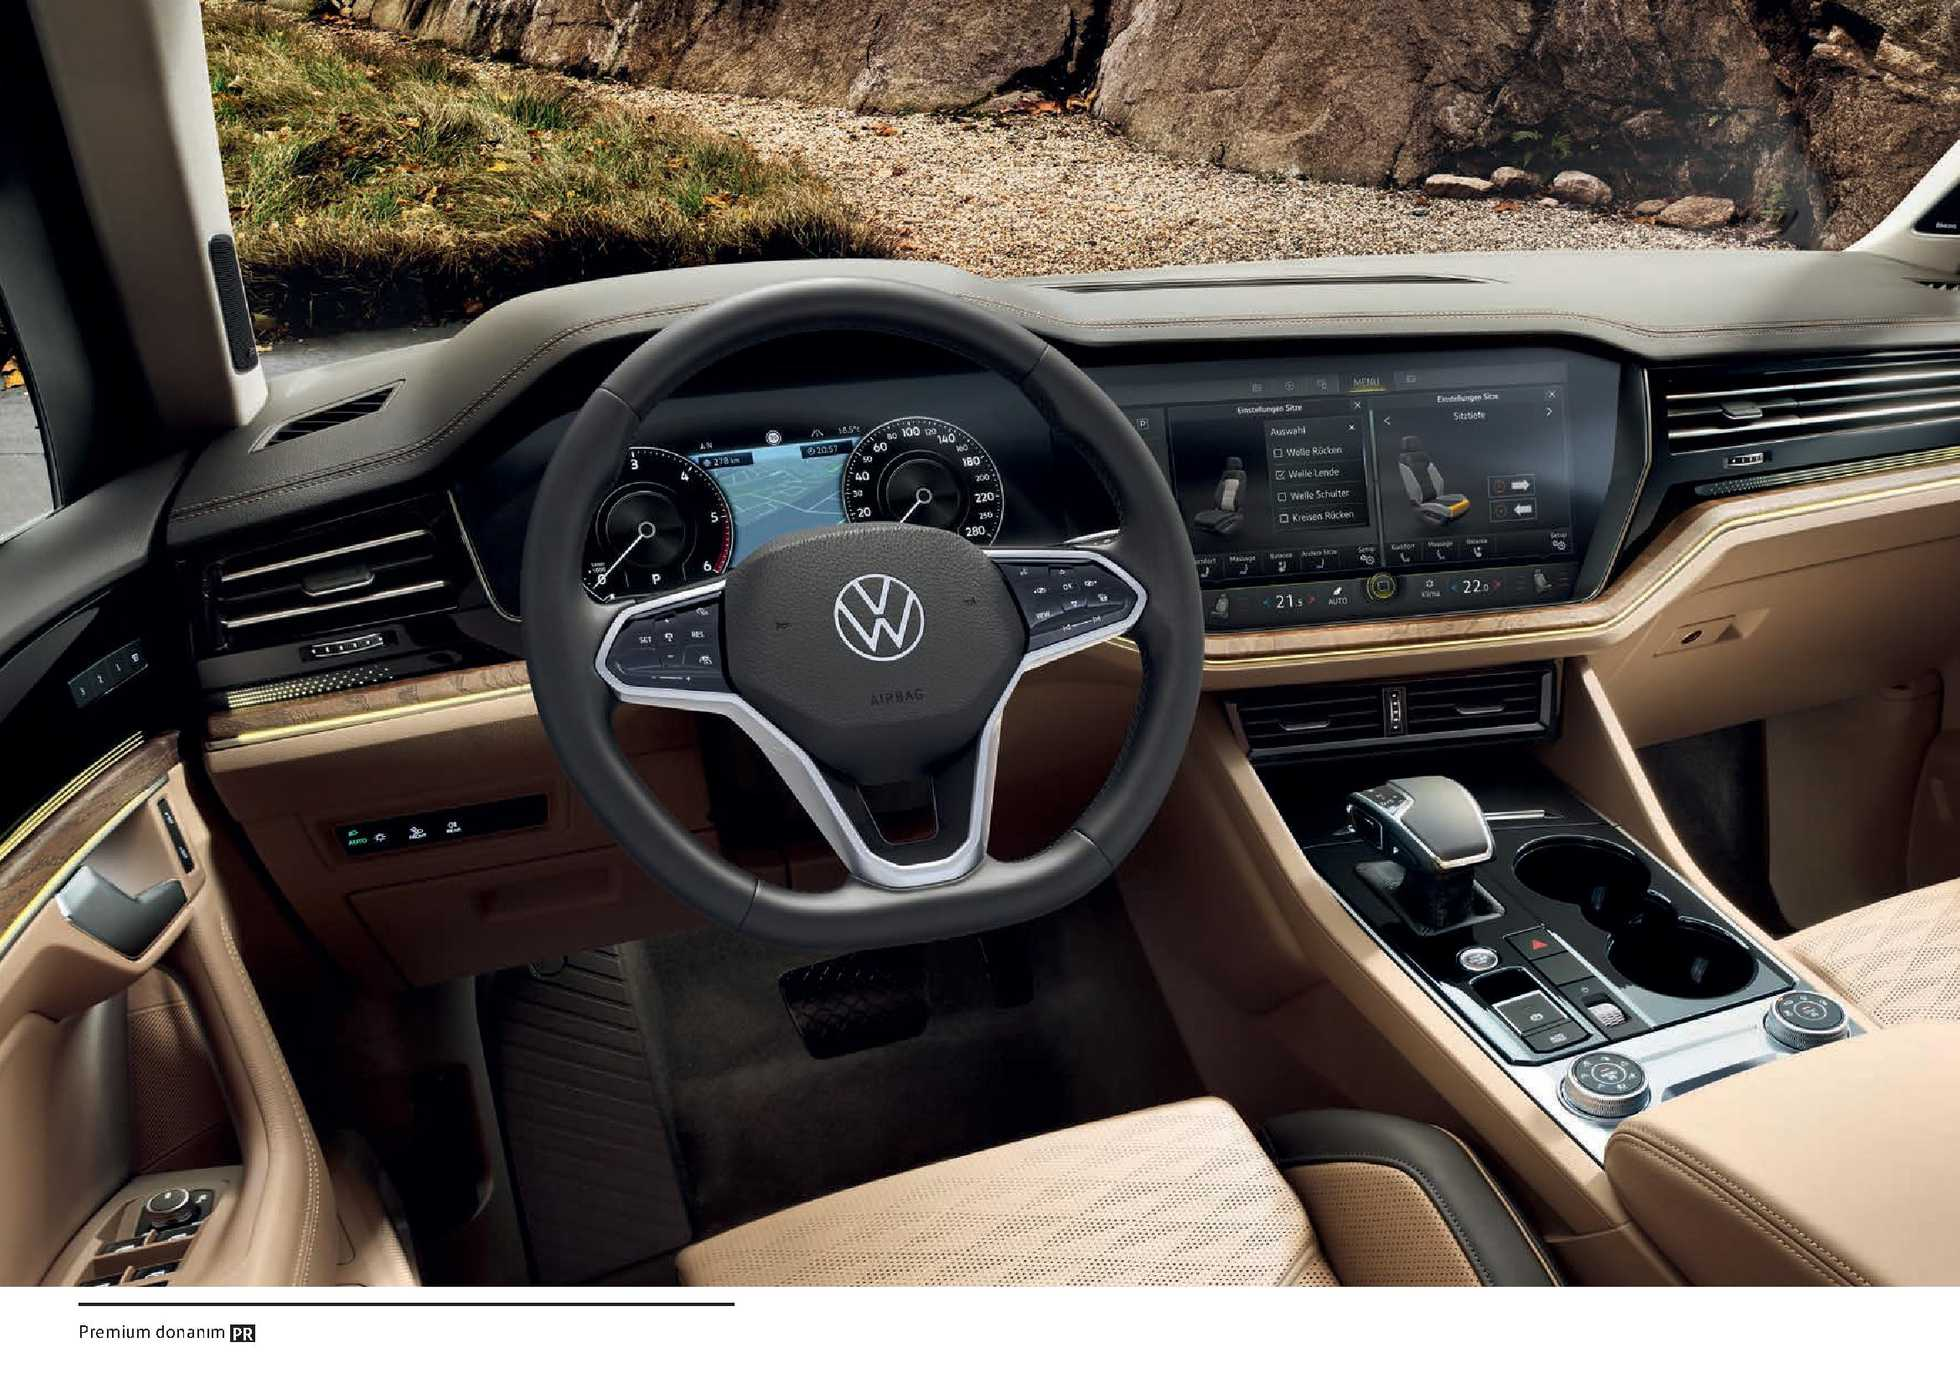 Volkswagen - indirimler 01.01.2021 tarihinden başlayıp 31.12.2021 - tarihine kadar devam ediyor. Sayfa 1.